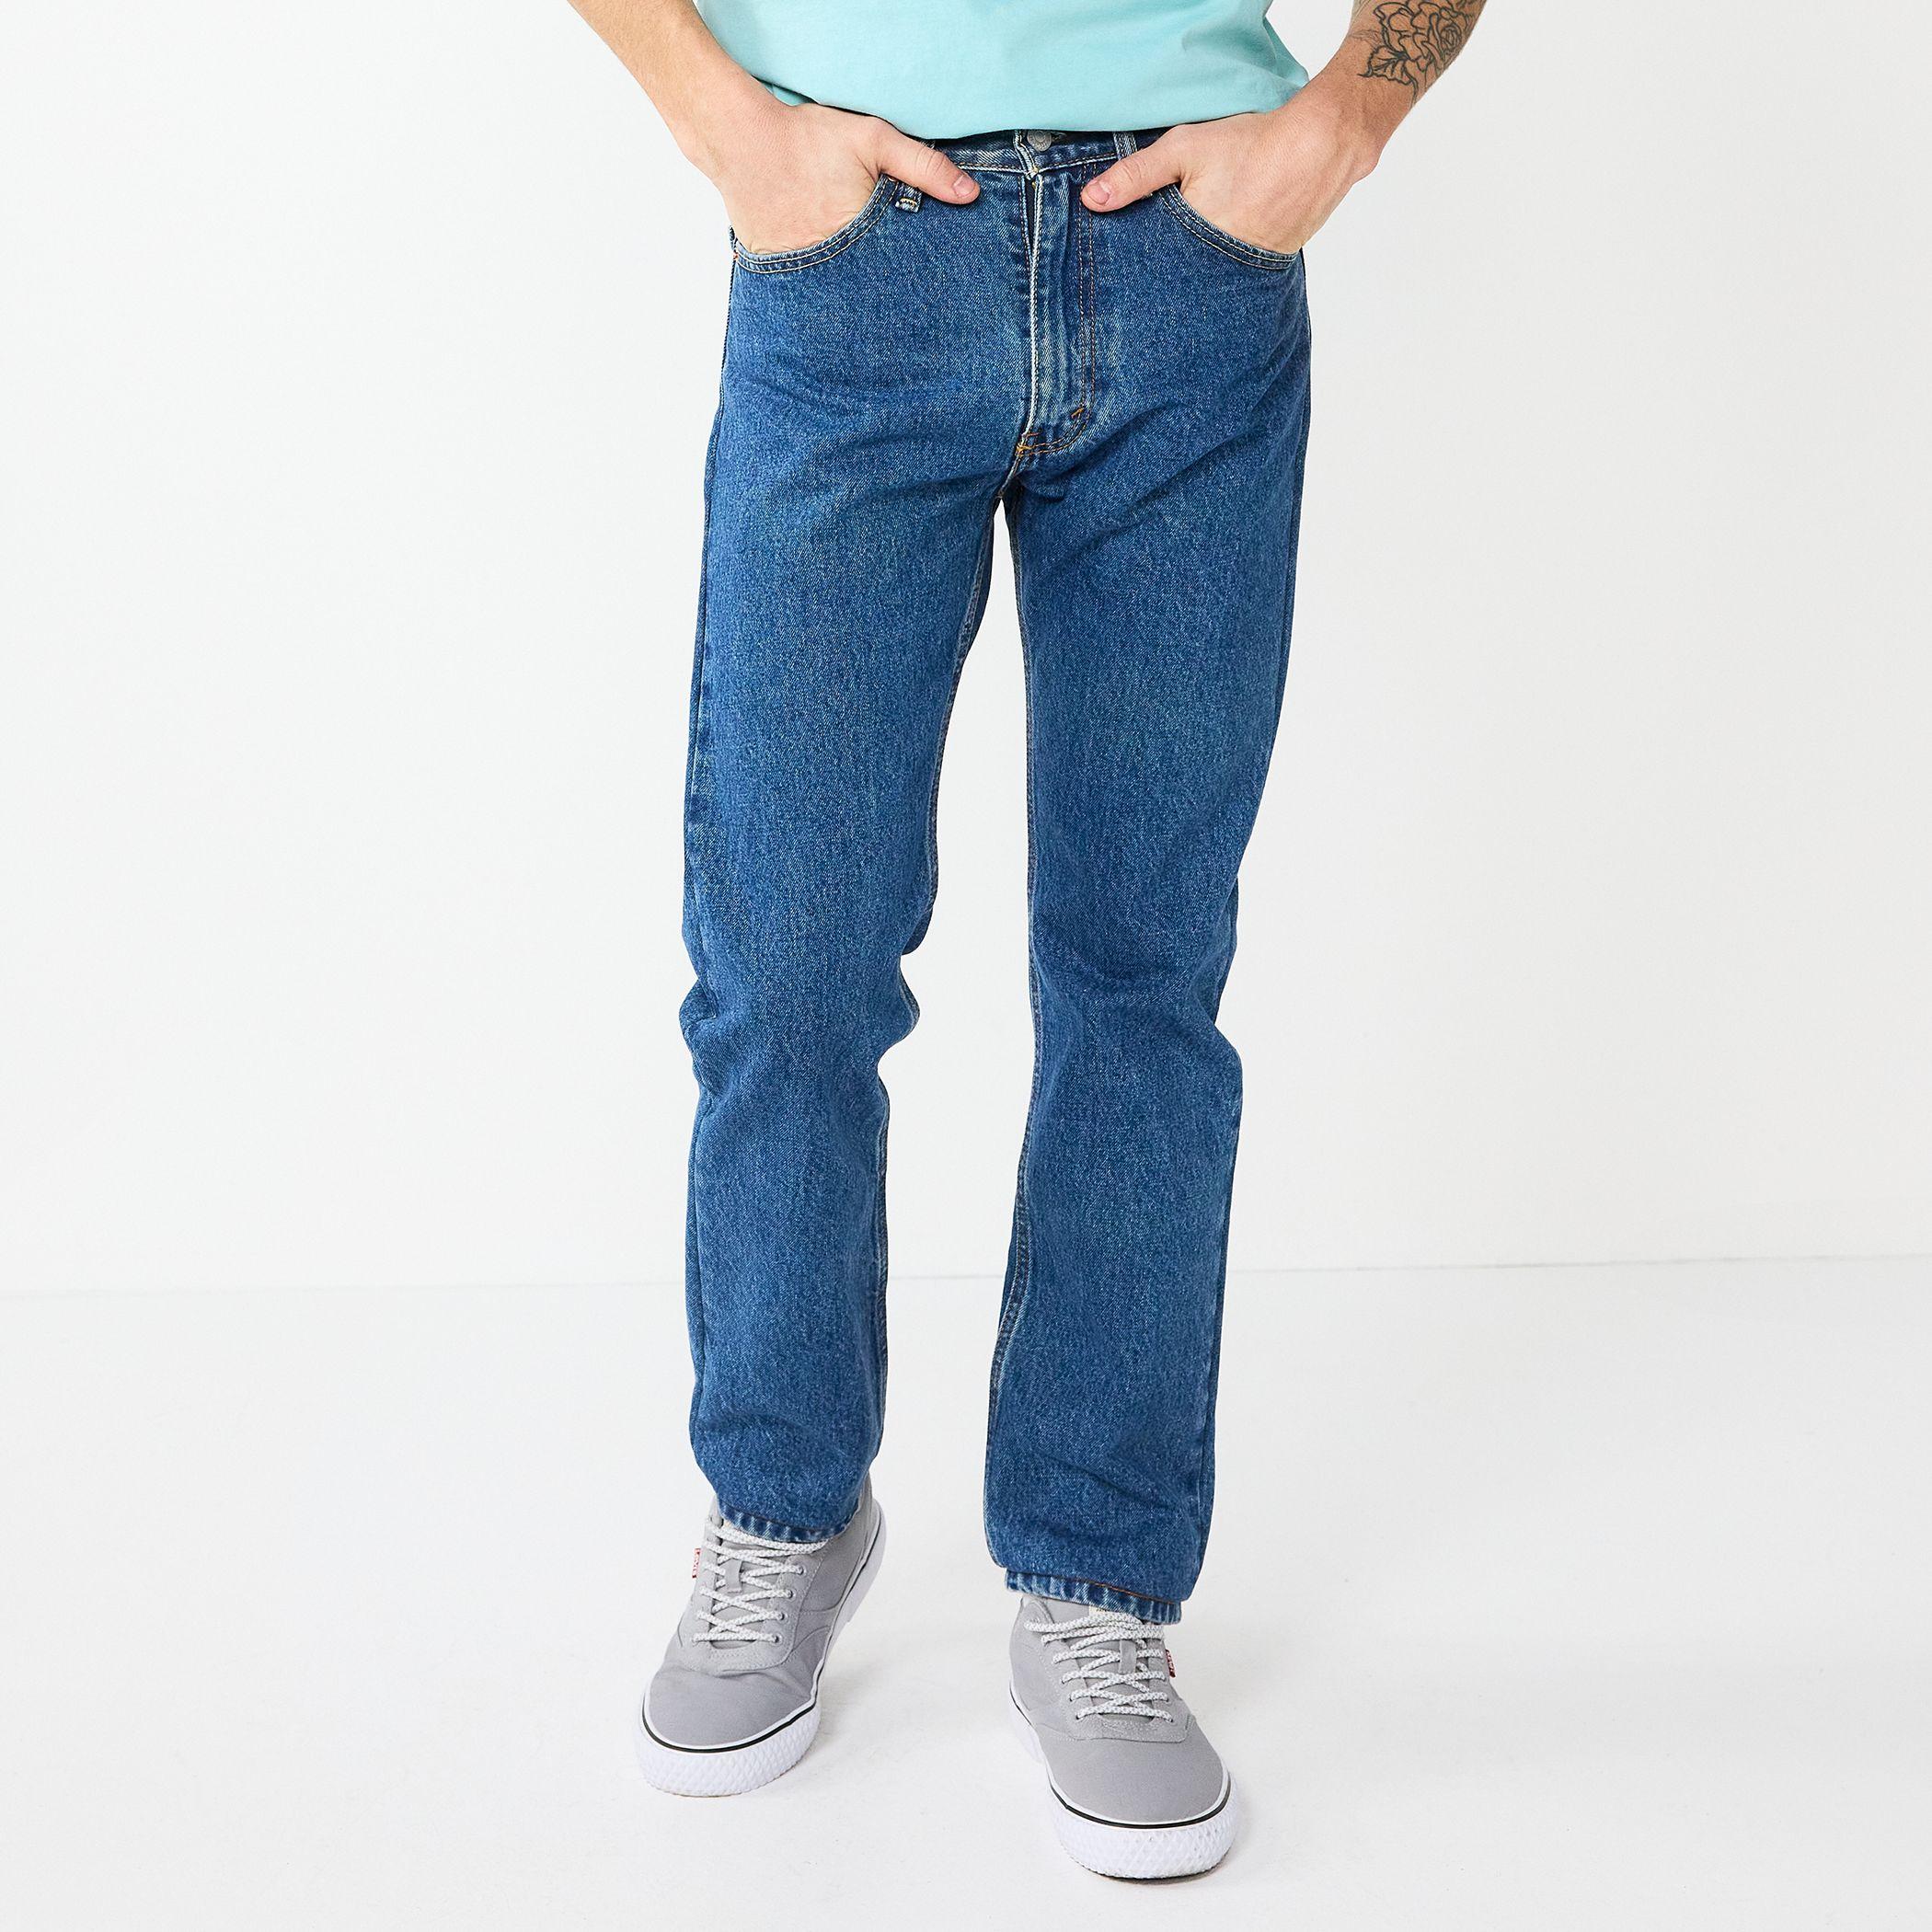 Skinny jeans jungs